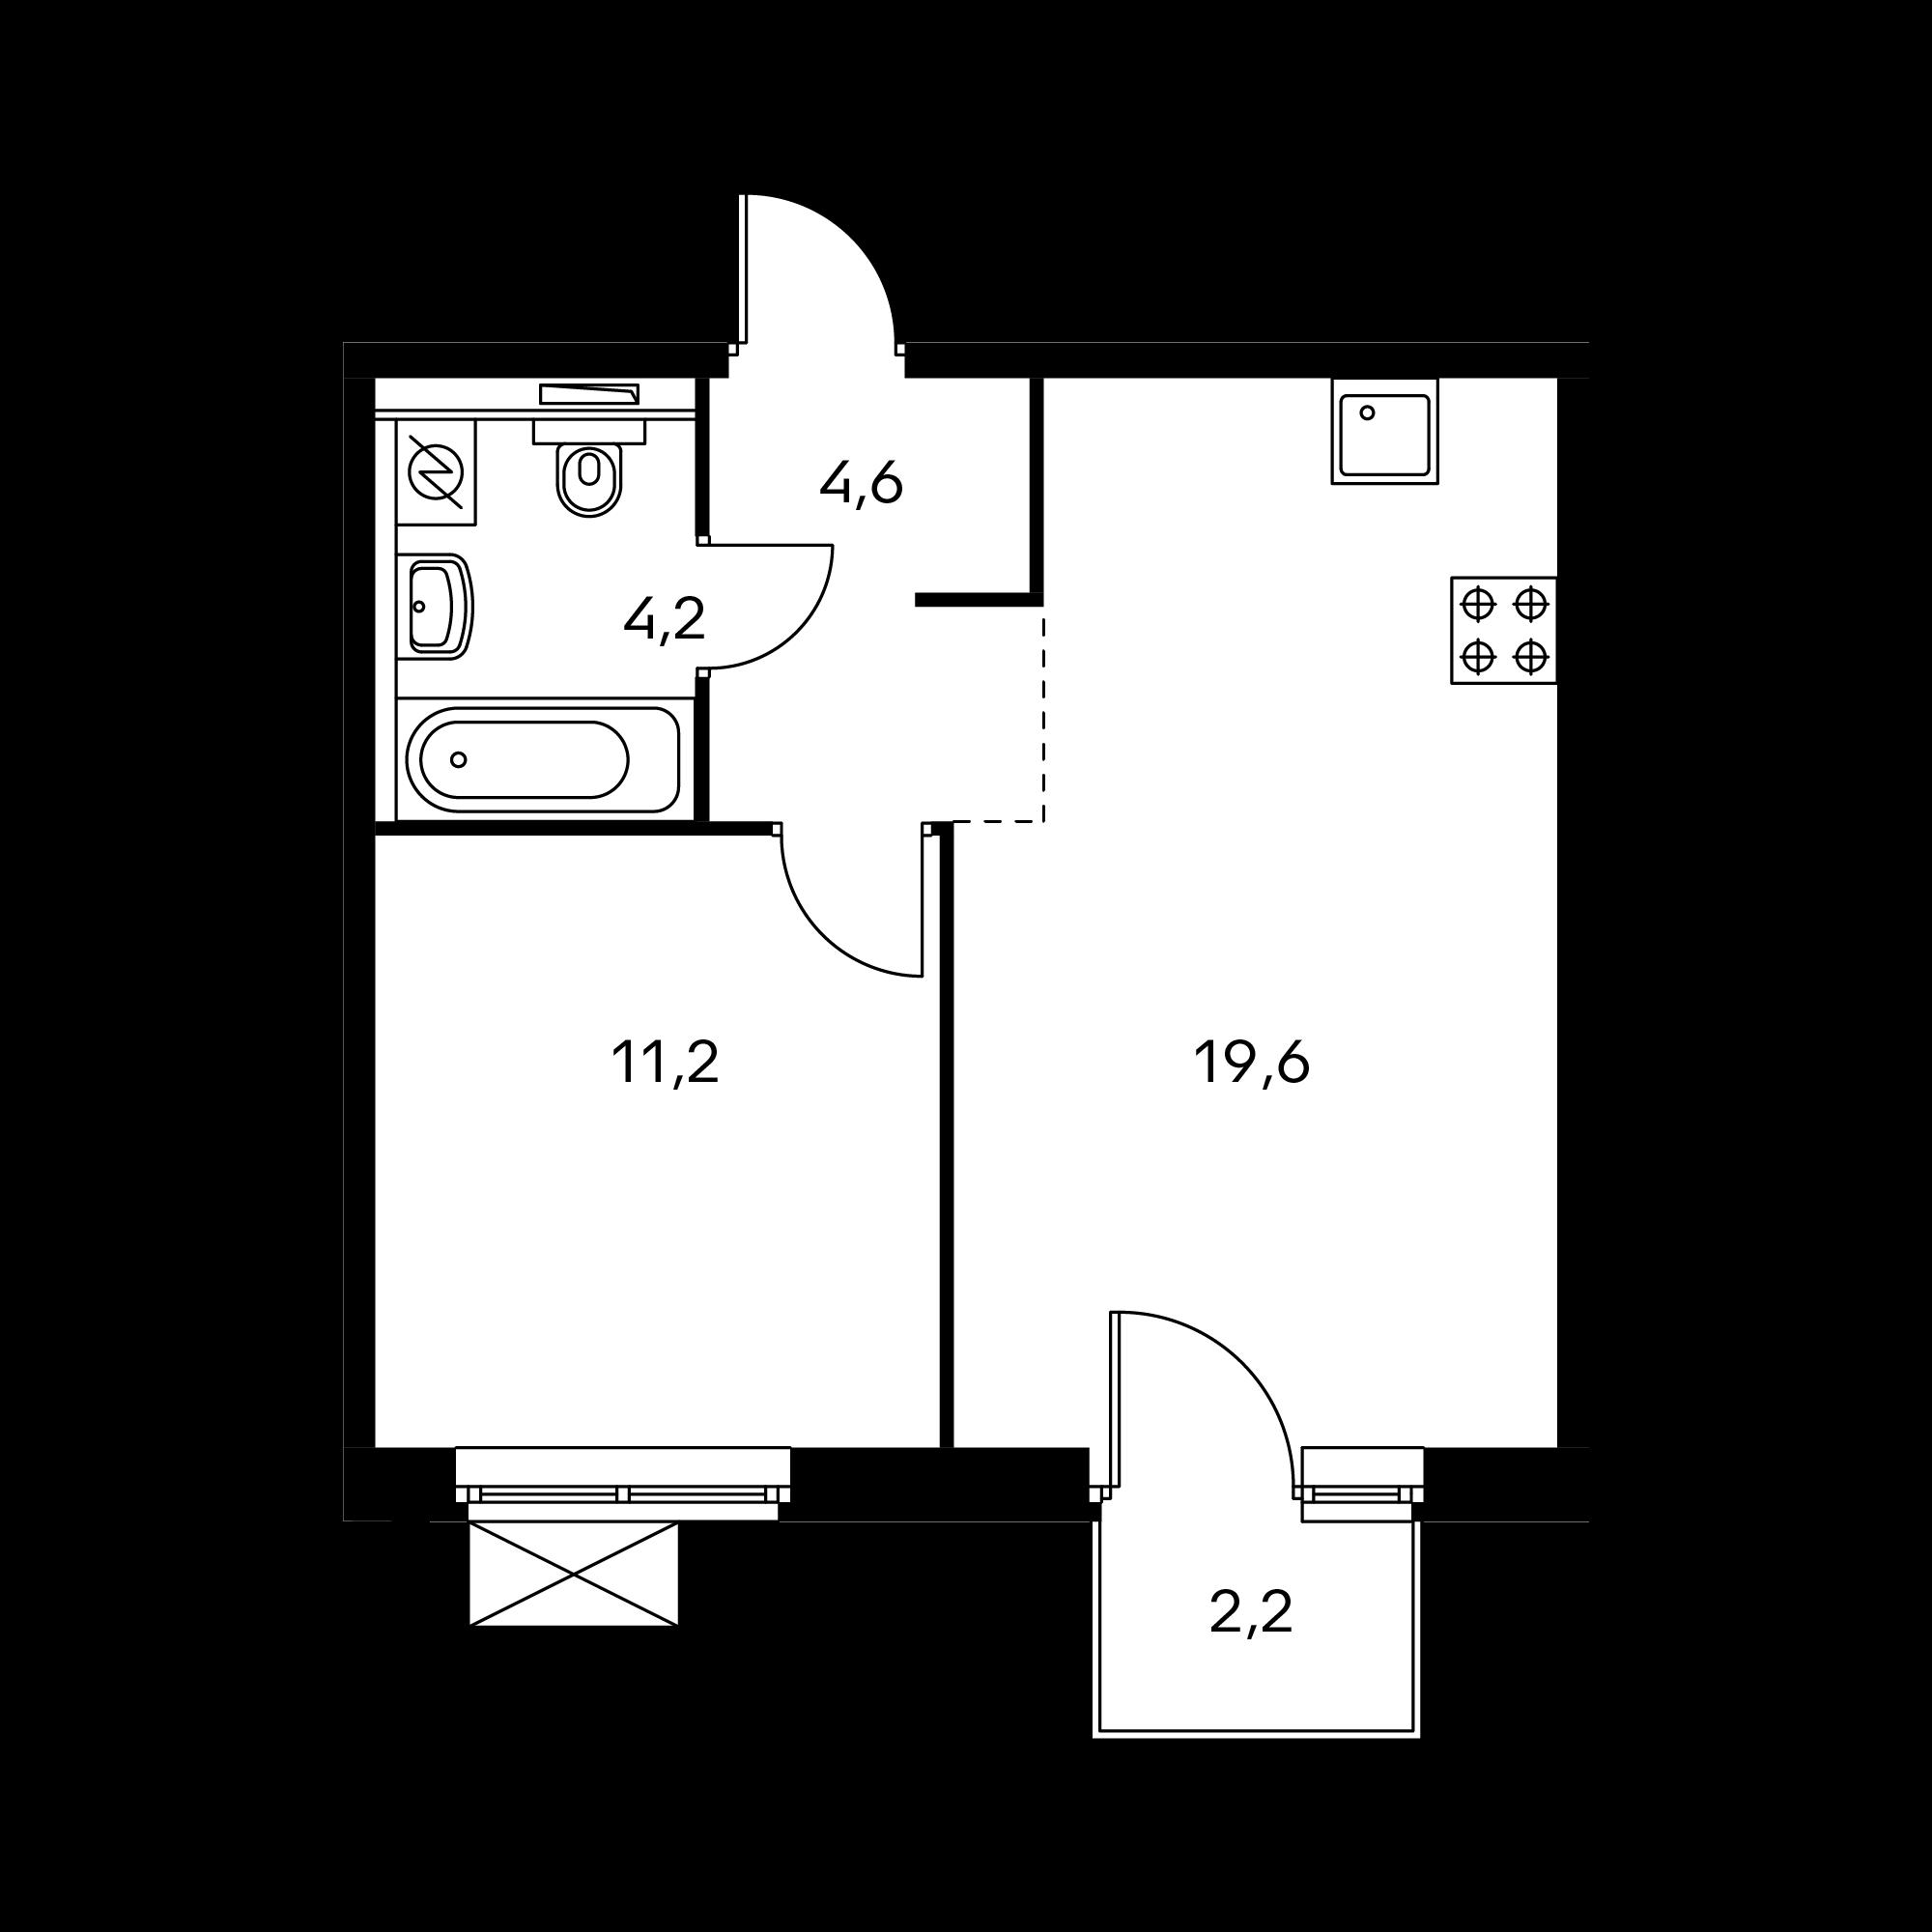 1EM3_6.9-1_B(2,2)_1*